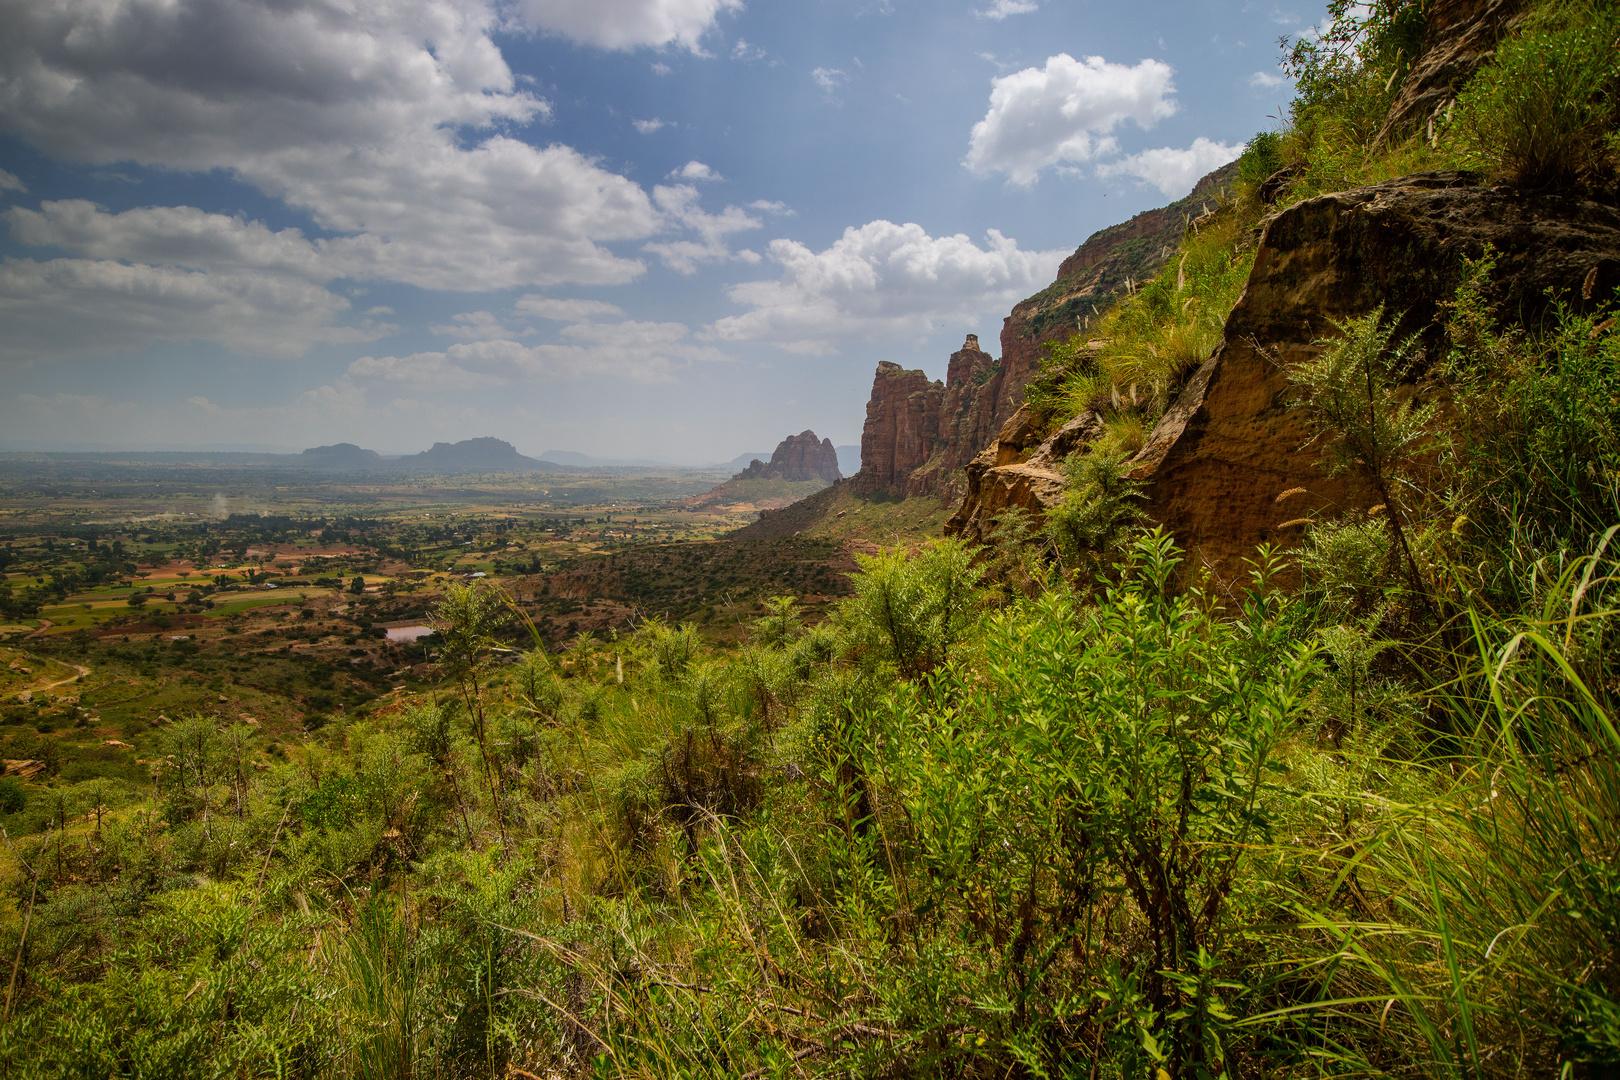 Point de vue sur les montagnes de Gueralta.